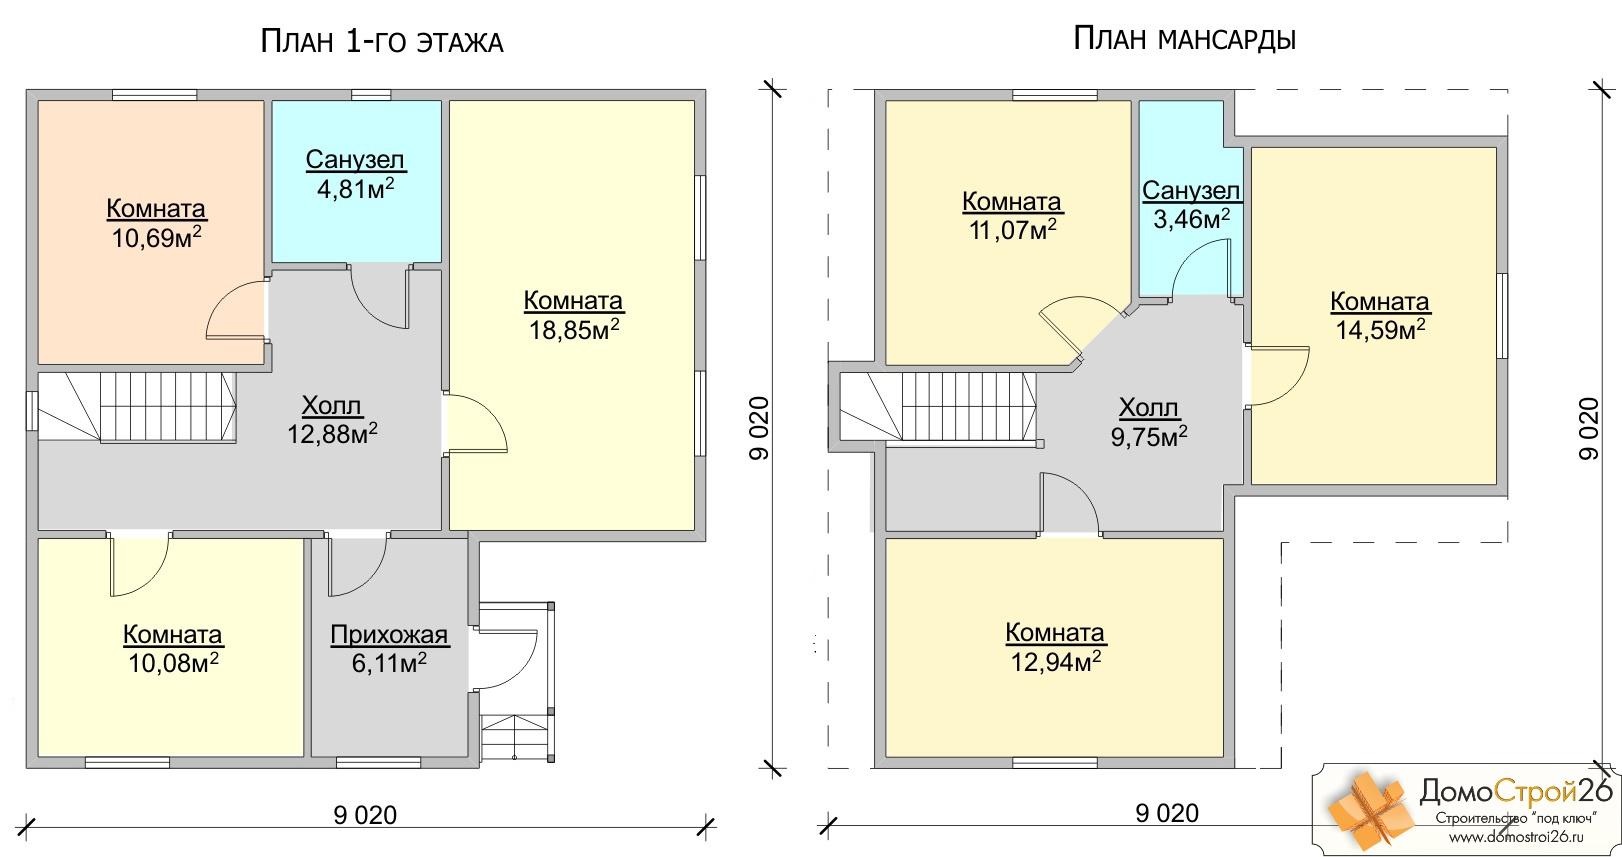 Проектирование и строительство индивидуального дома под